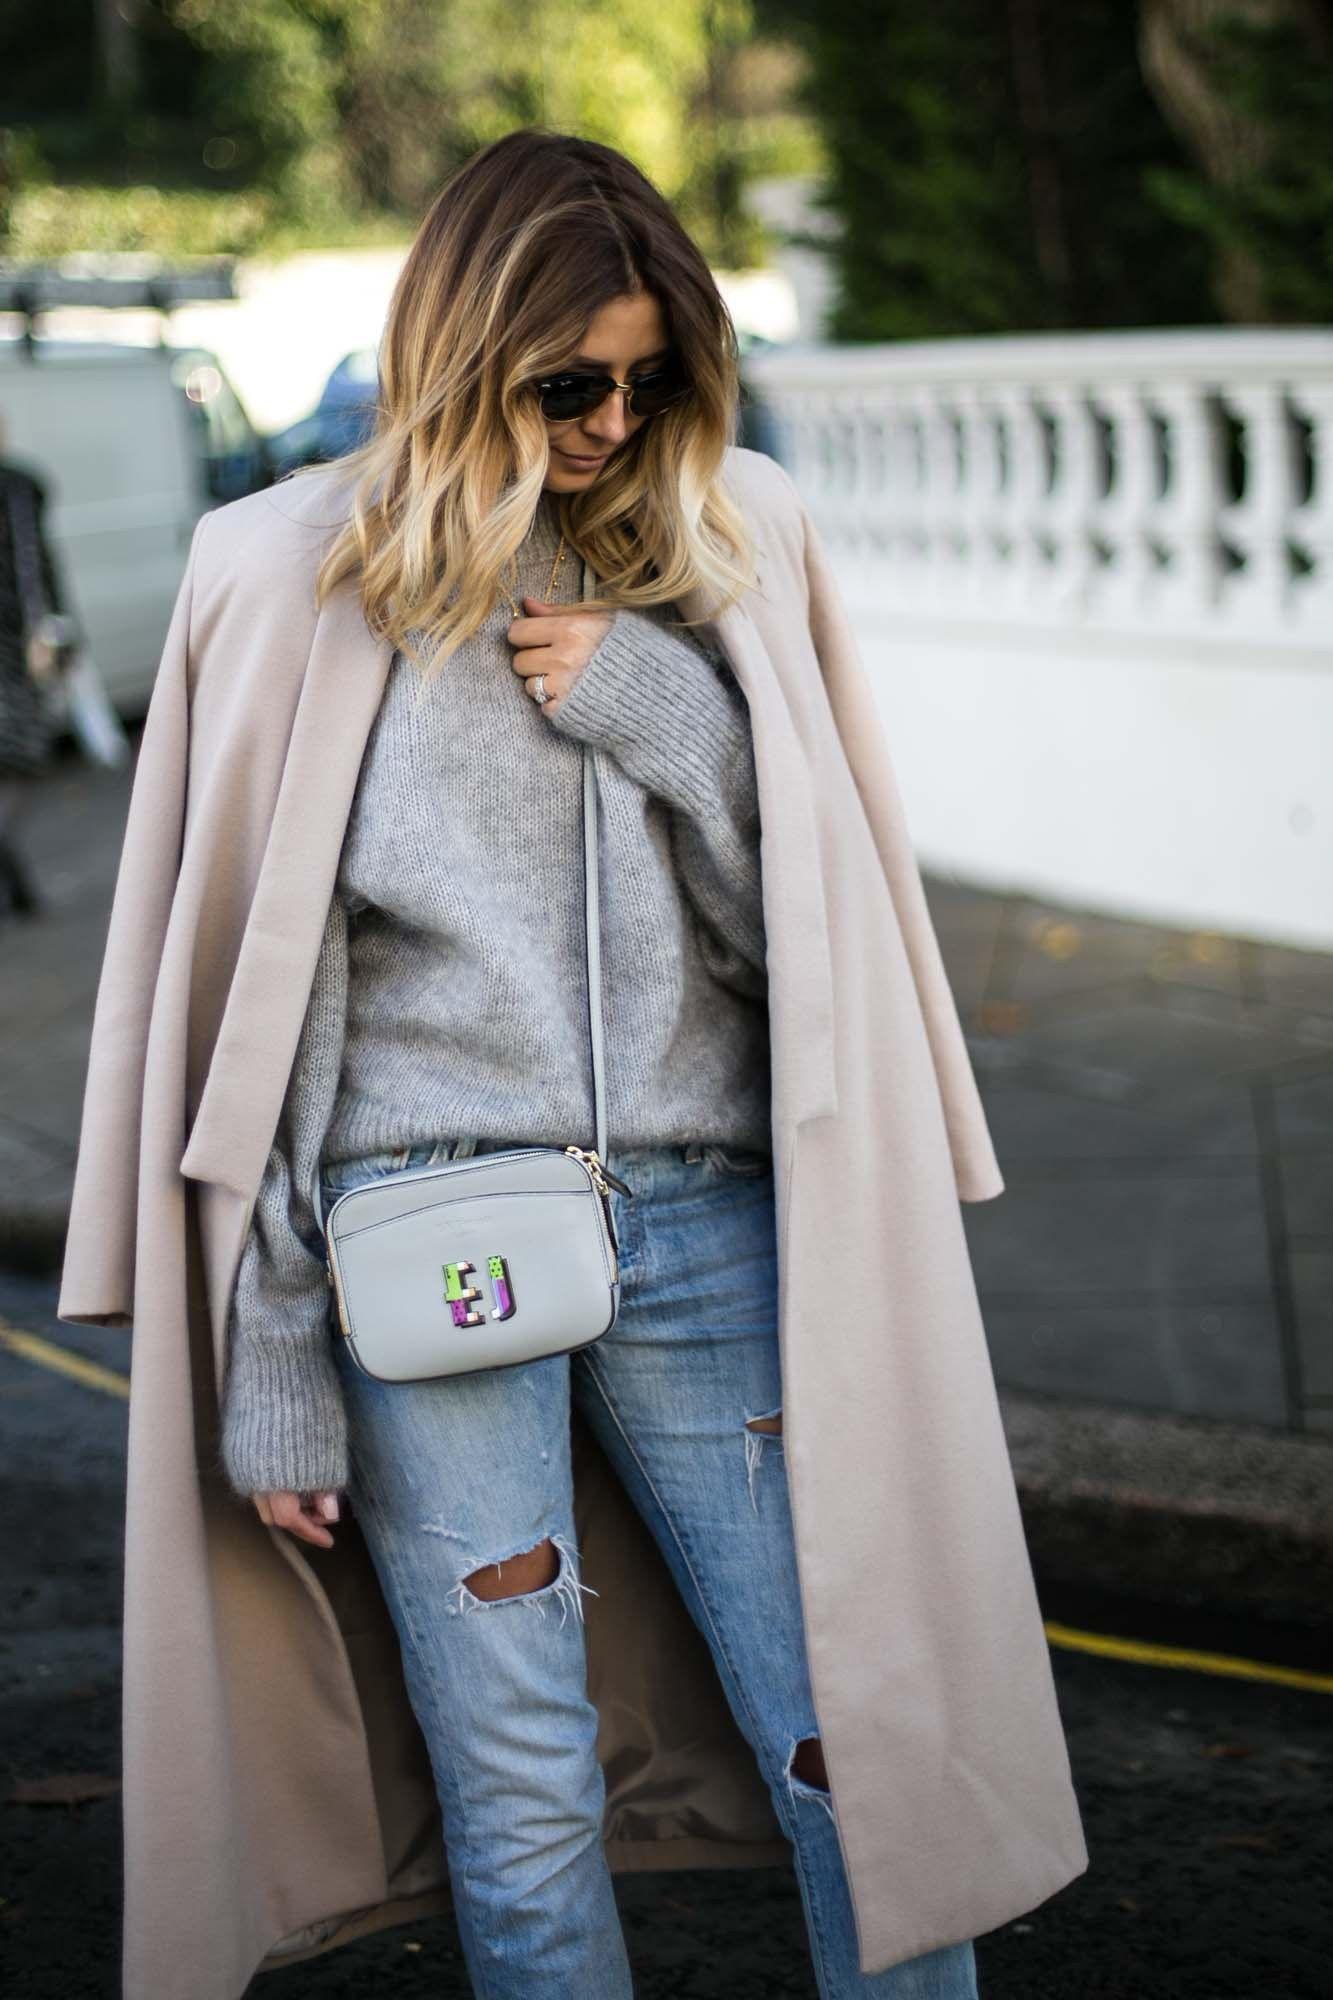 beige-shawl-winter-coat-grey-mohir-fluffy-sweater-jumper-ripped-levis-boyfriend-jeans-beige-block-heel-ankle-sock-boots-lk-bennett-x-boyarde-cross-body-bag-8